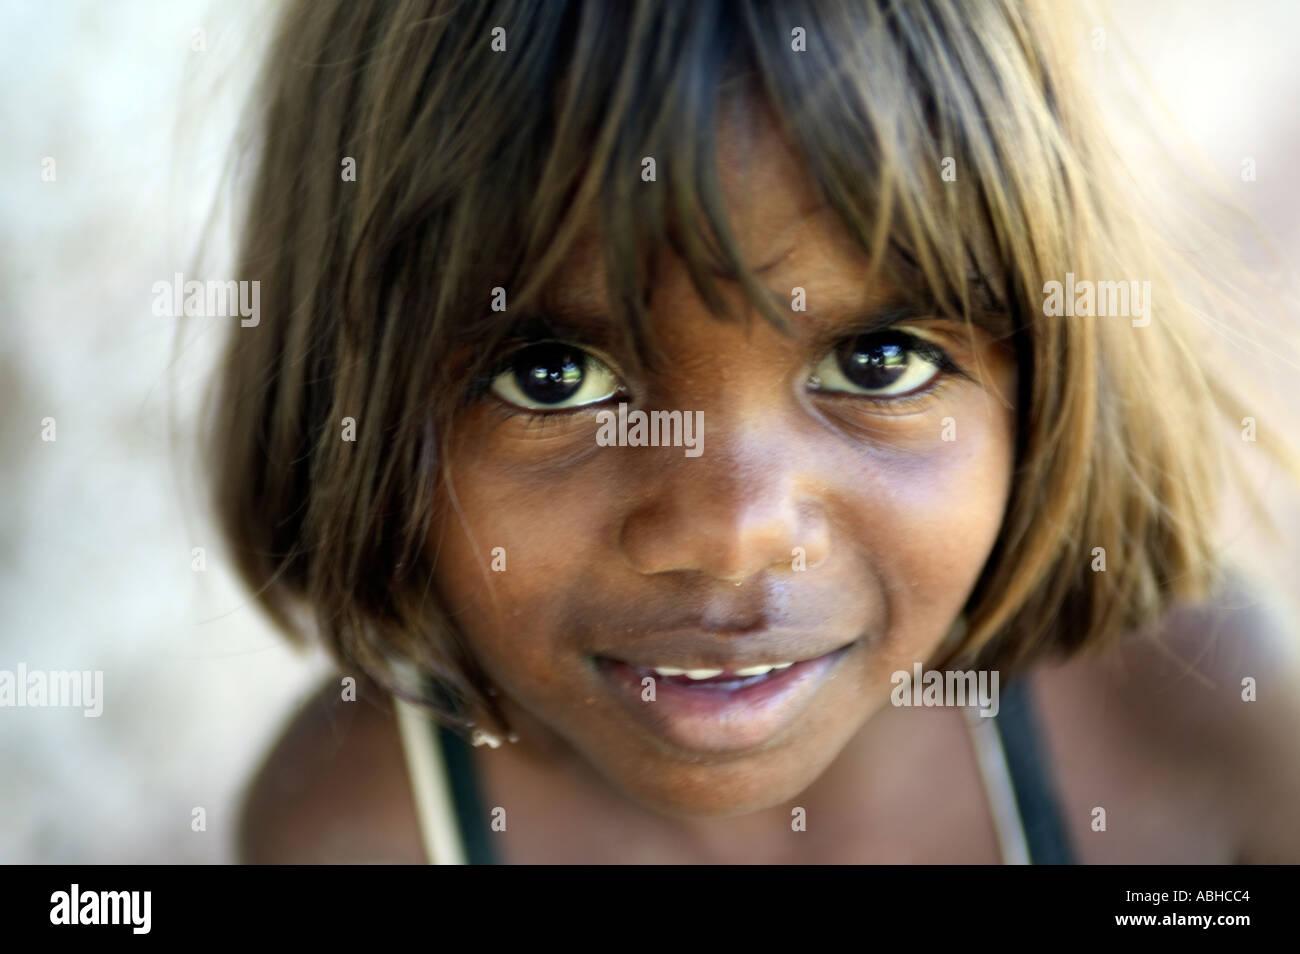 Fille de l'Manyalluluk autochtones communauté outback près de Pine Creek dans le Territoire du Nord de l'Australie Photo Stock